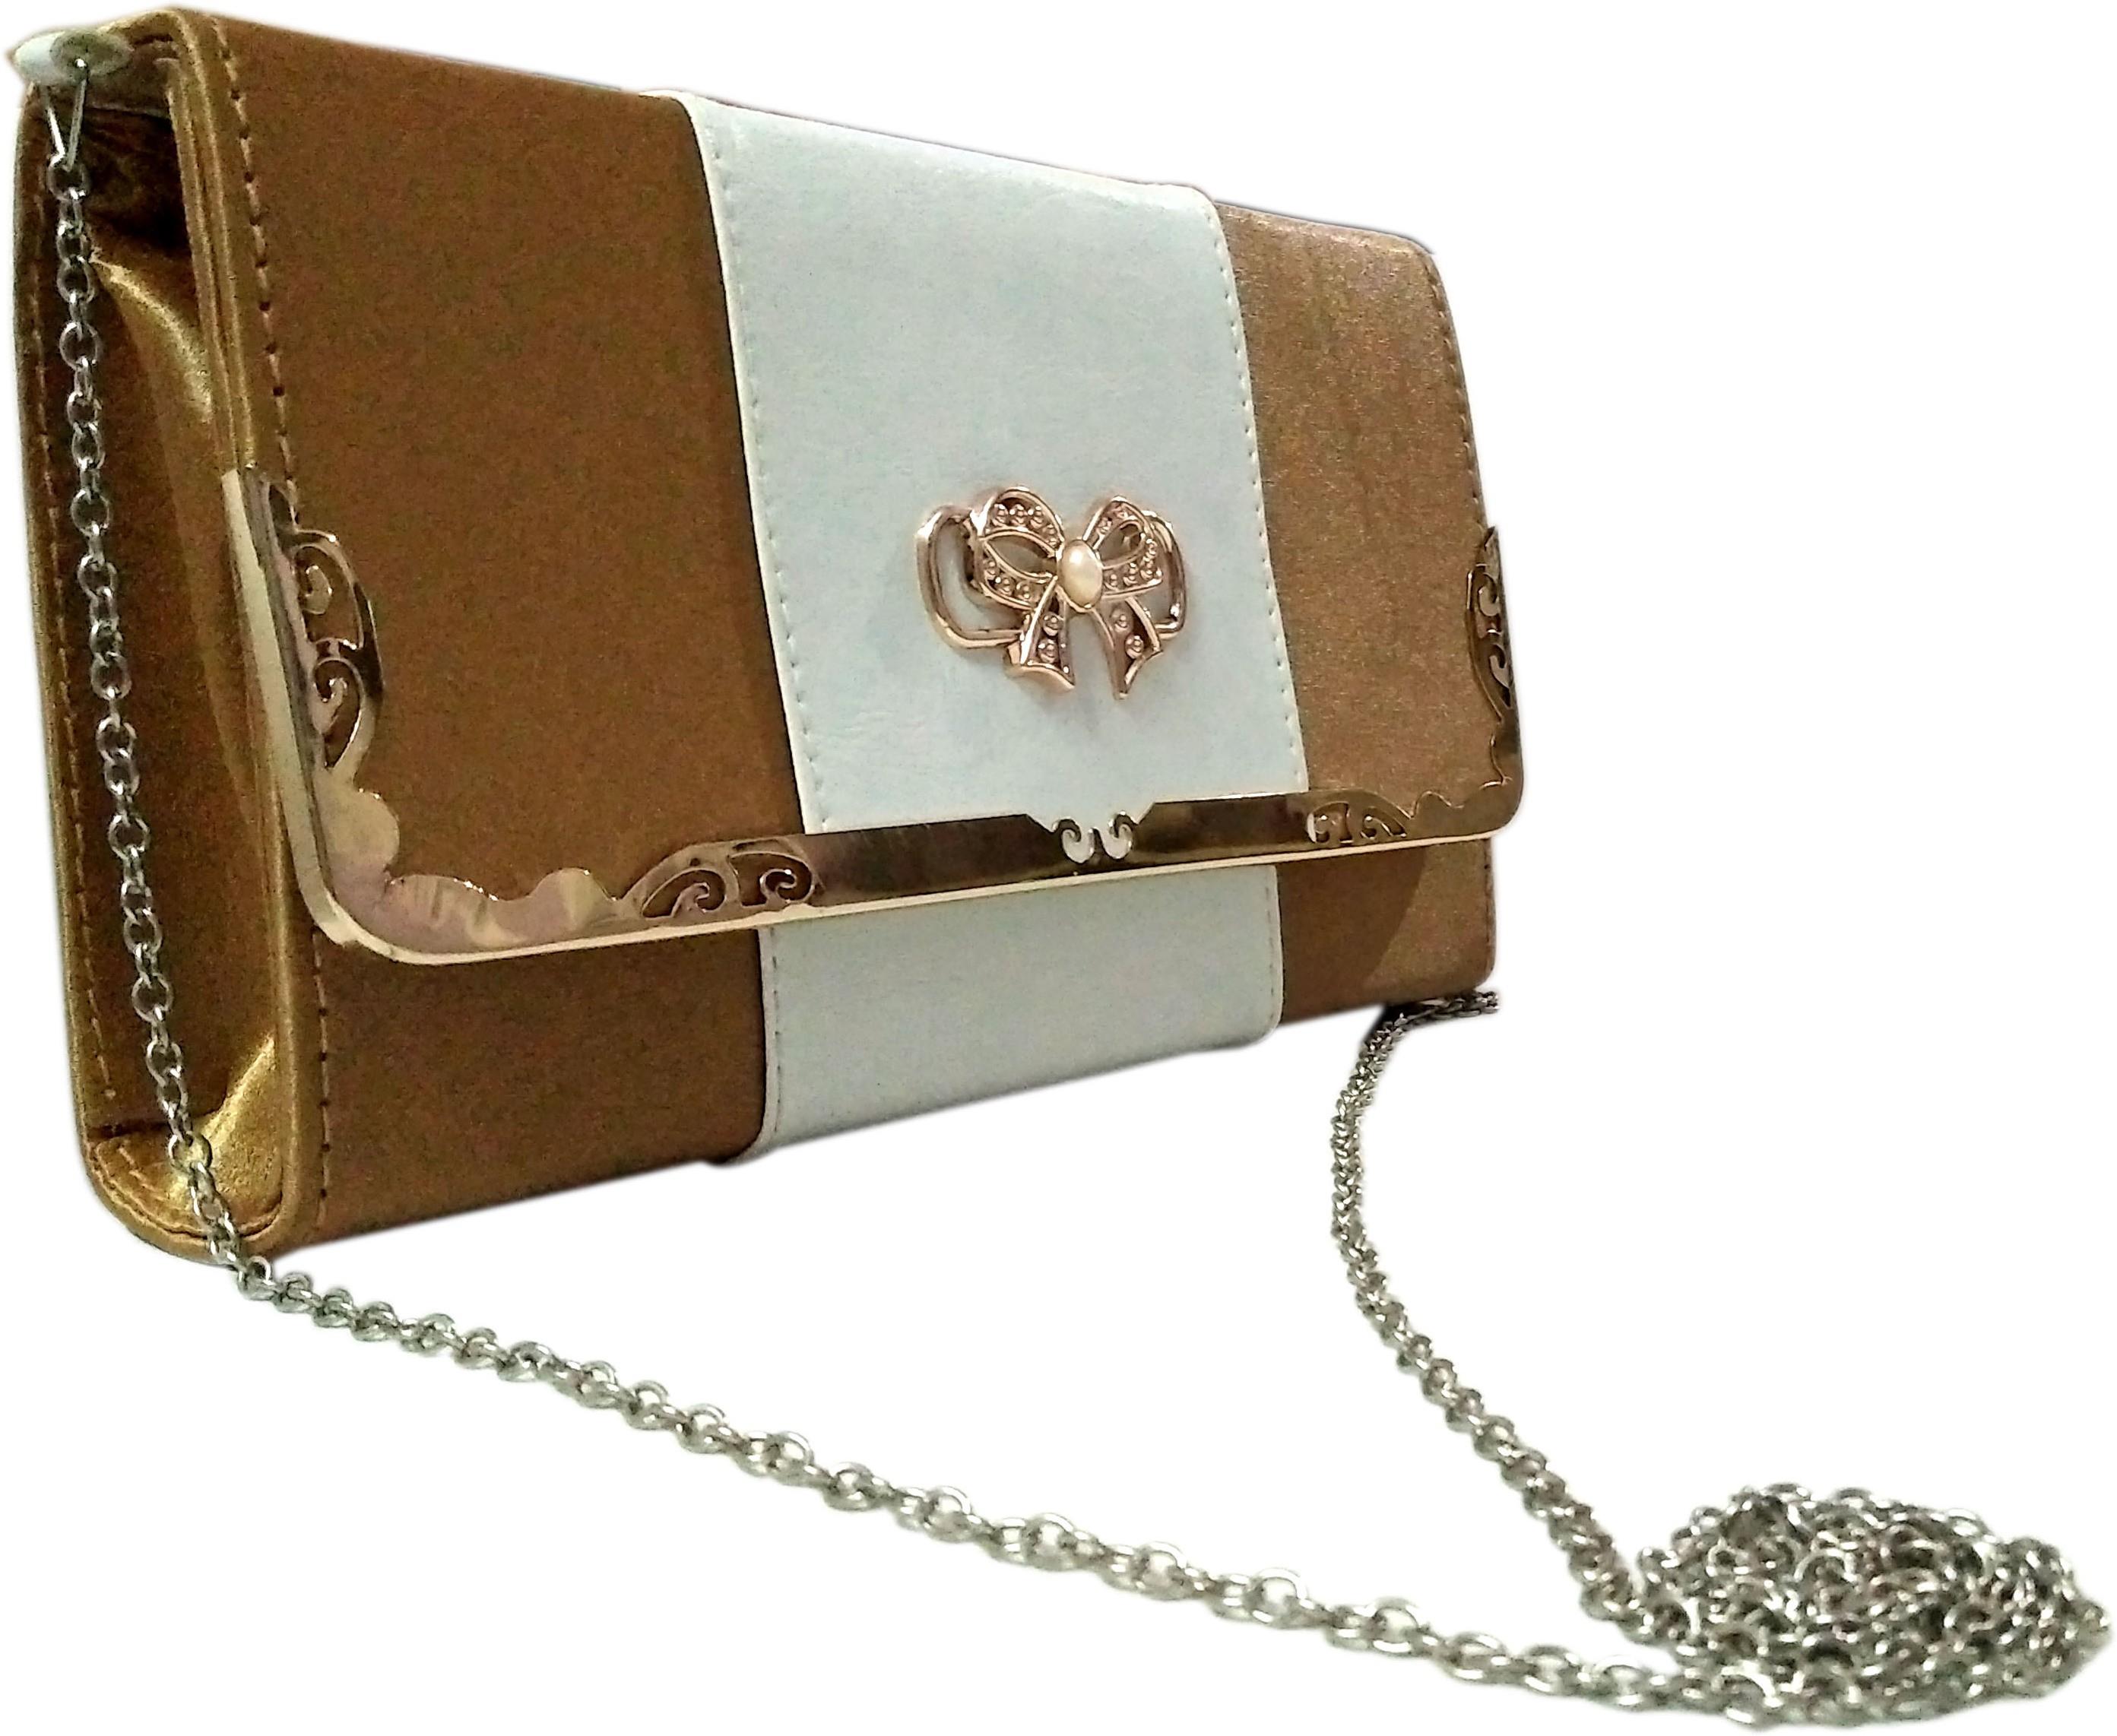 Sling bag below 500 - Madash Girls Gold Leatherette Sling Bag